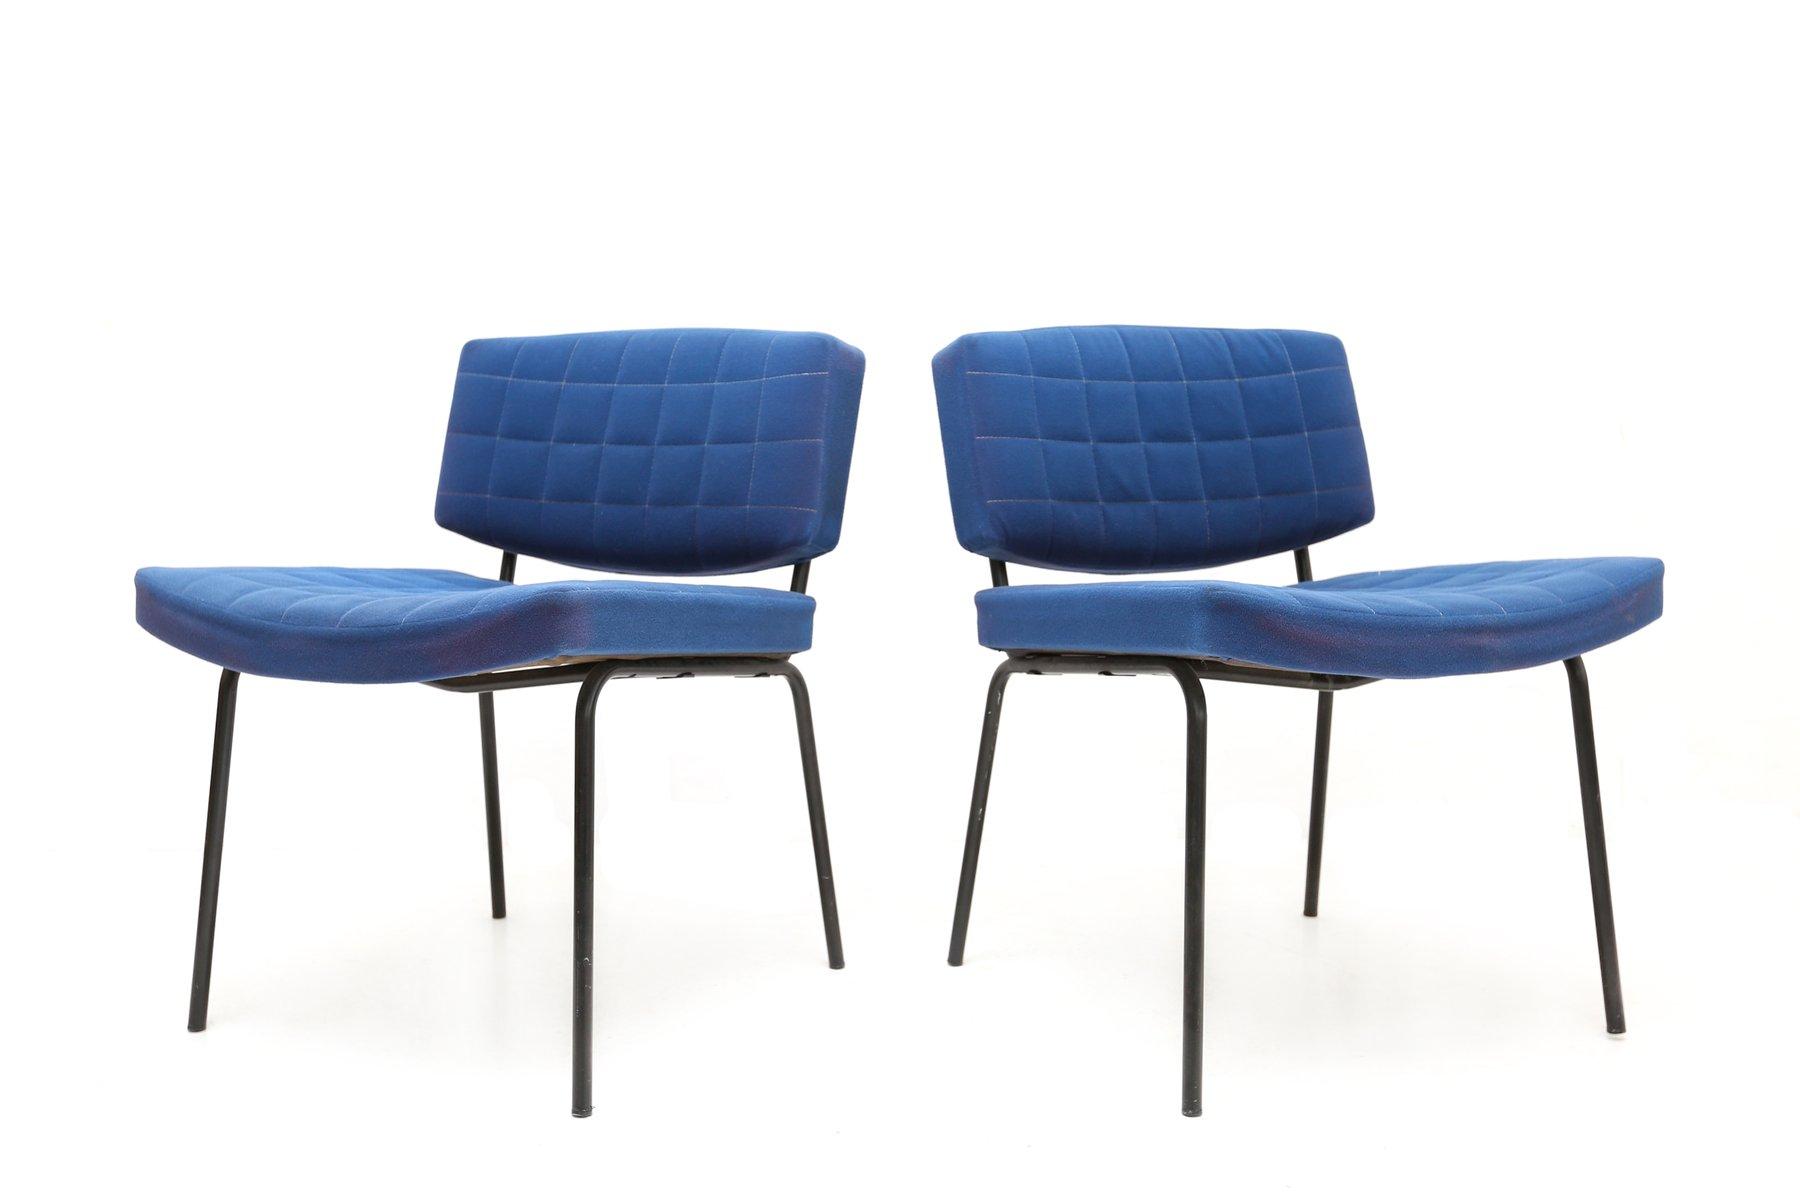 chaise royal bleue par pierre guariche pour meurop 1950. Black Bedroom Furniture Sets. Home Design Ideas